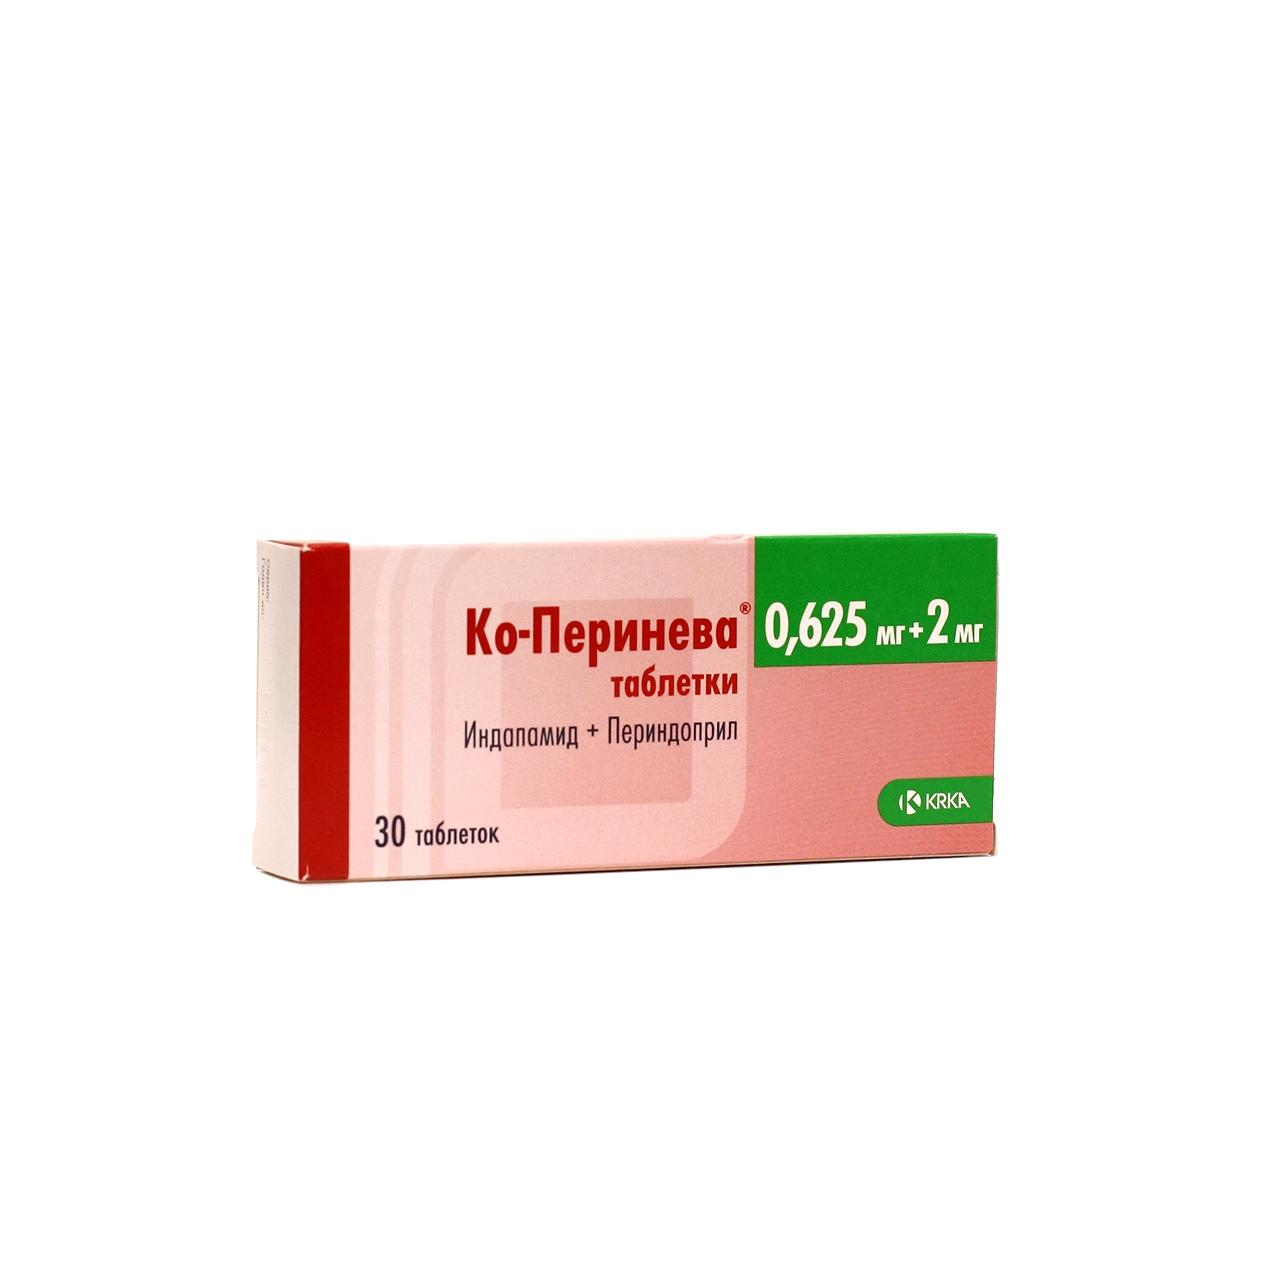 gyógyszerek magas vérnyomás co-perinev vaszkuláris átalakulás hipertóniában